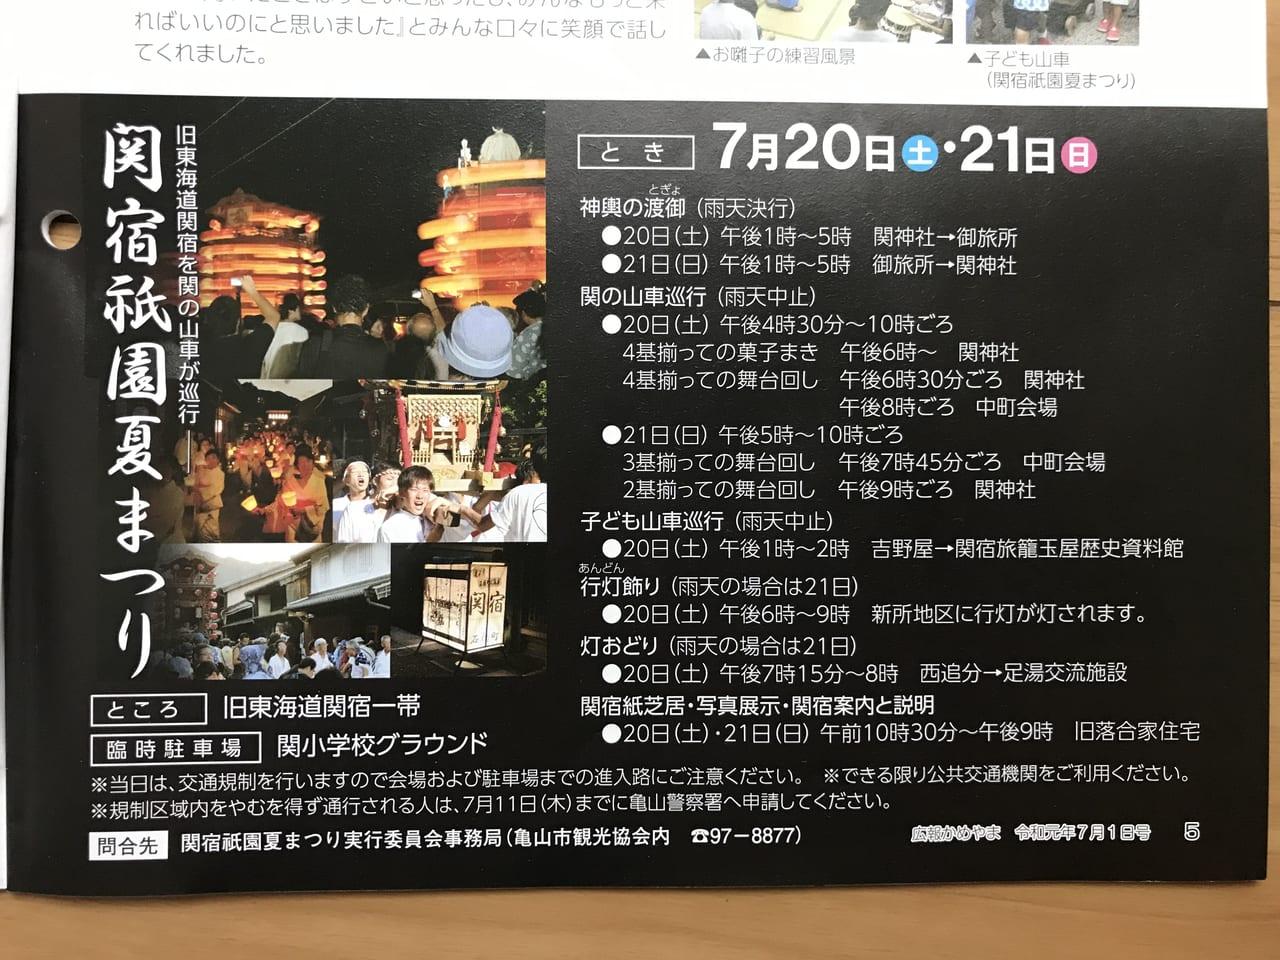 関宿祇園夏祭り